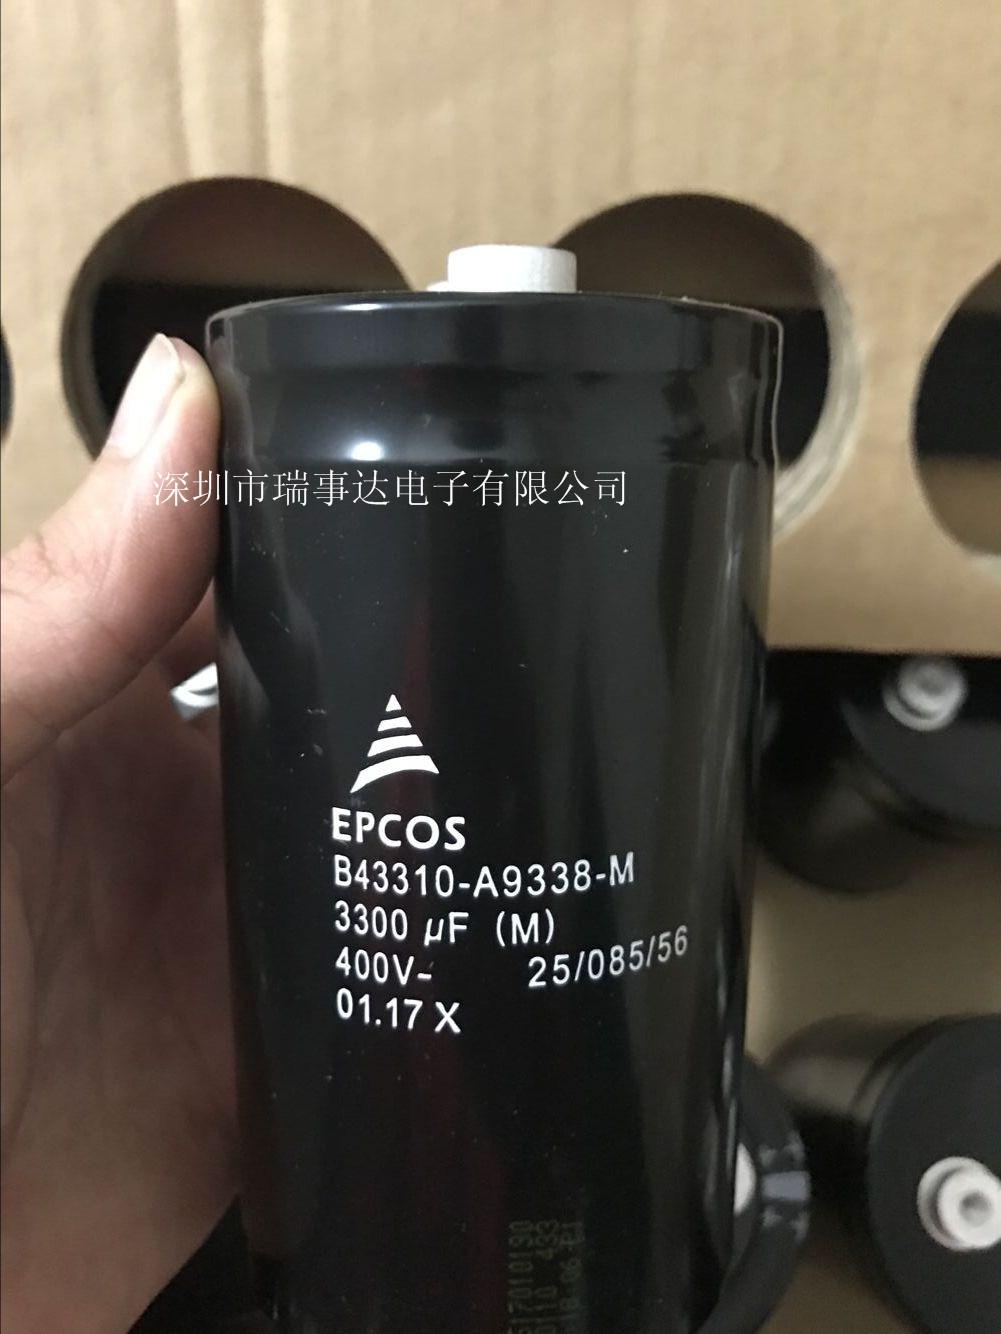 EPCOS B43456-K9688-M电容器6800UF/400V